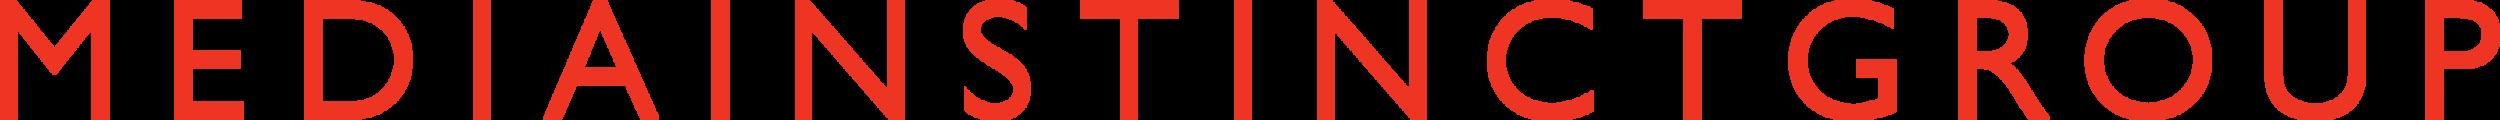 mediainstinct-big-logo-red.png